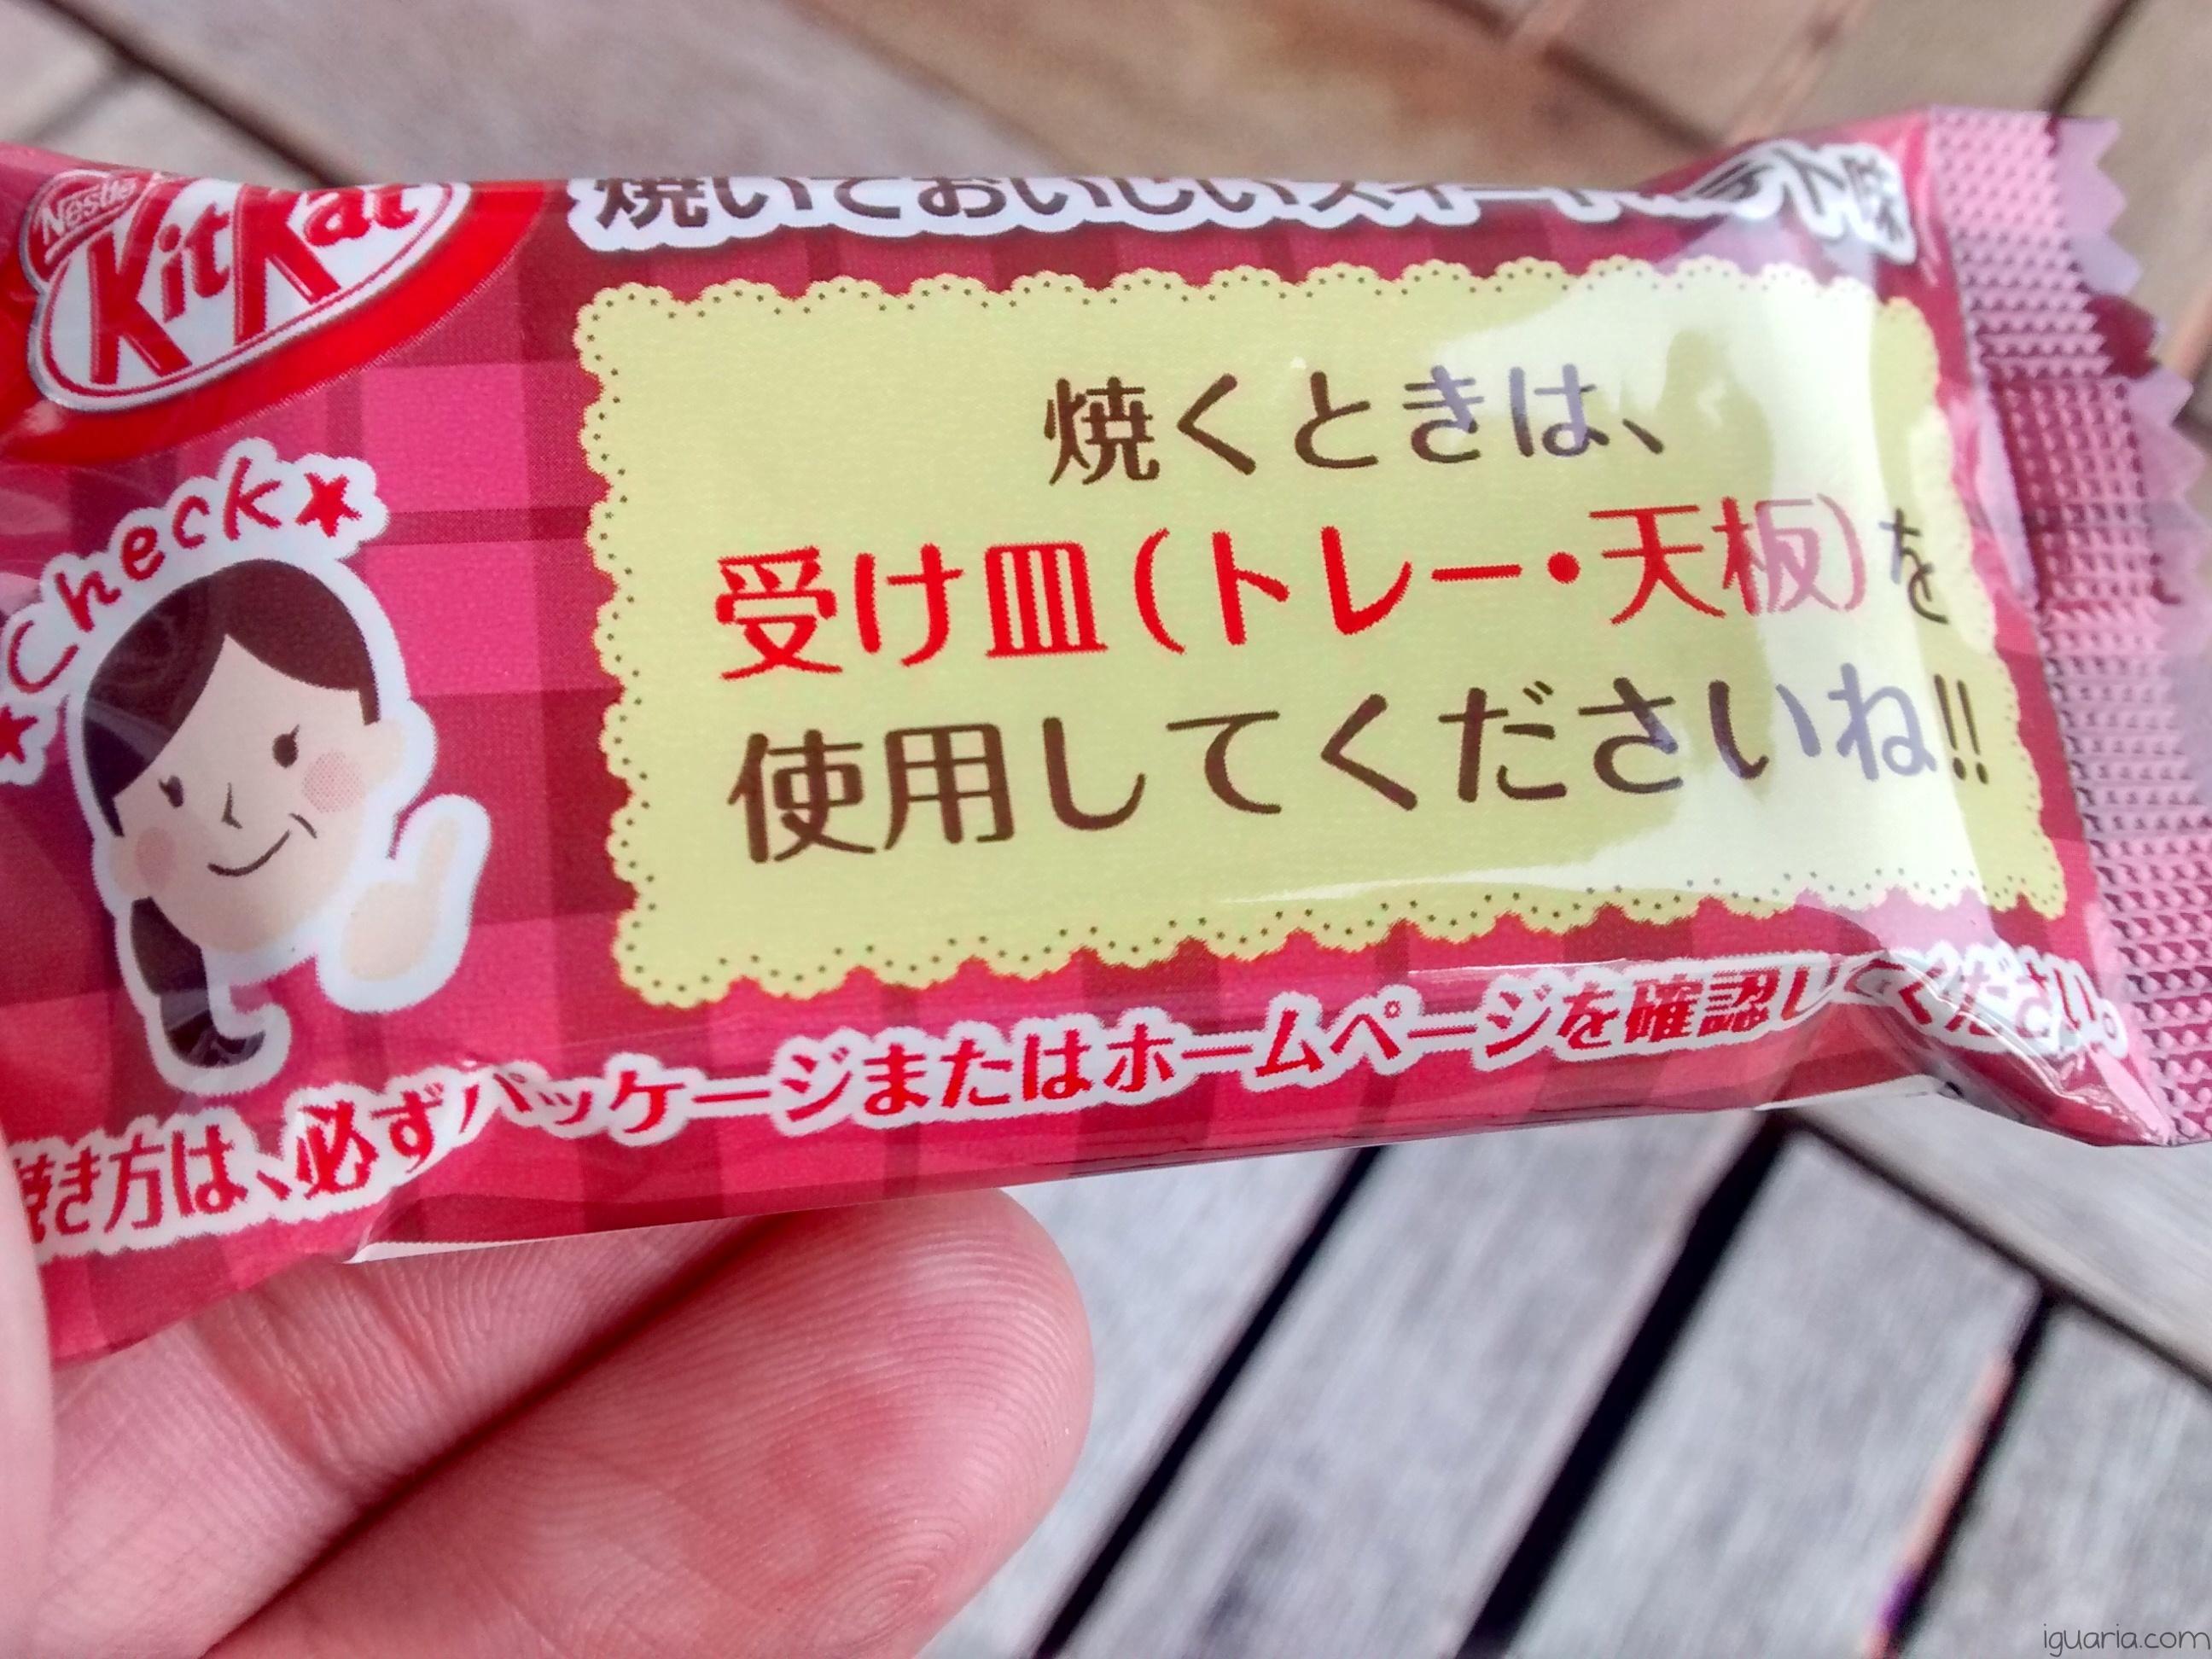 Iguaria_Mini-Pacote-KitKat-Batata